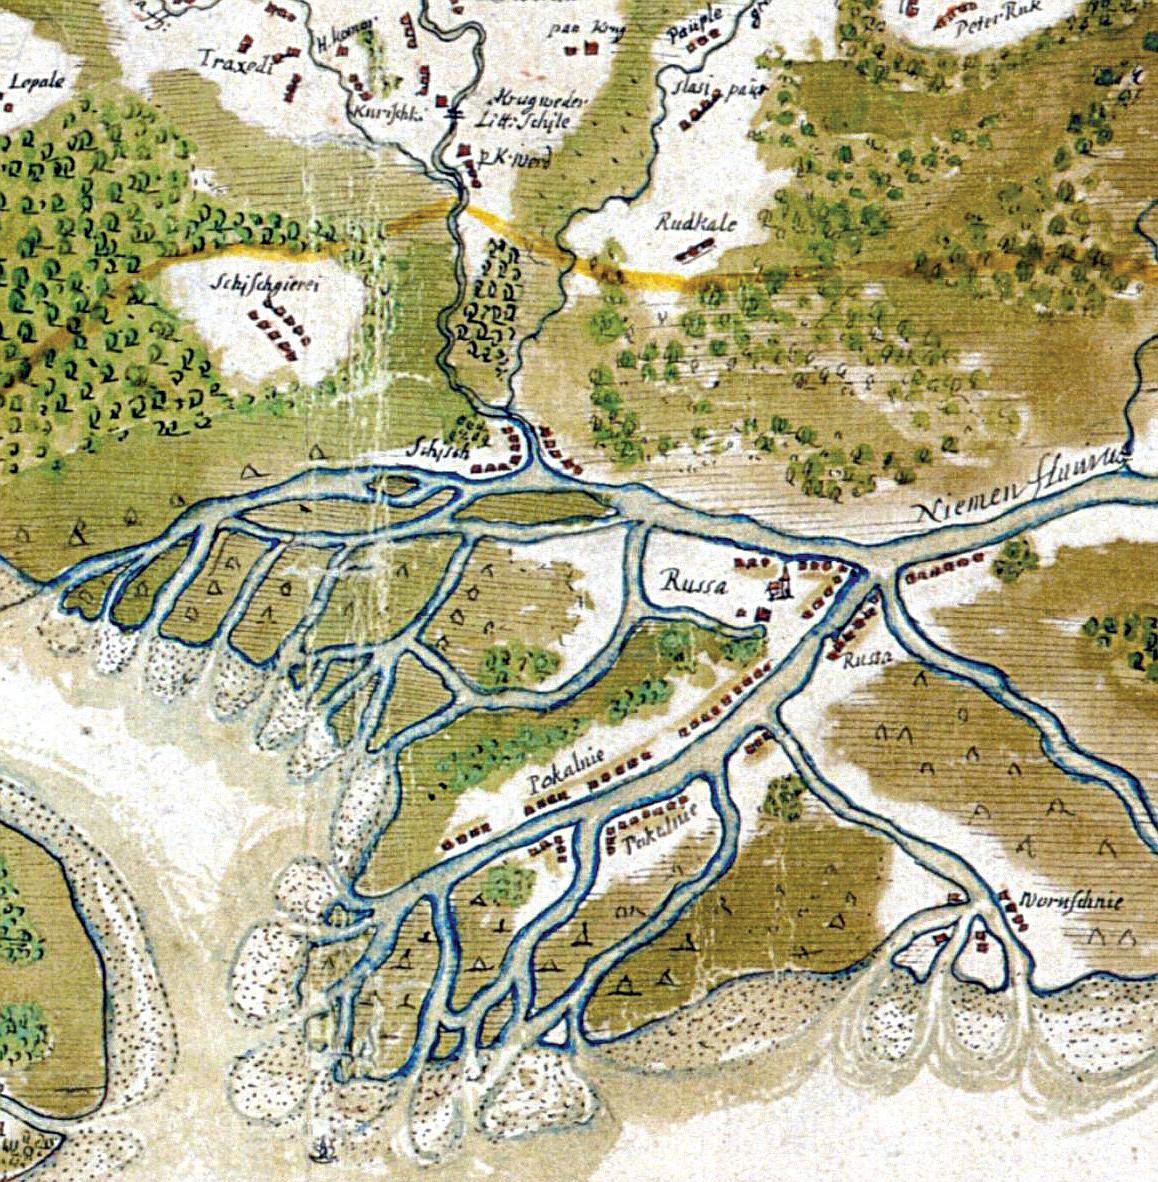 1 pav. Juozapo Narūnavičiaus-Naronskio Klaipėdos valsčiaus žemėlapio fragmentas (apie 1670 m.), kuriame matyti Šyšos (Schisch) kaimas / Fig. 1. Part of Juozapas Narūnavičius-Naronskis' Map of the Memel District (ca 1670) showing the village of Schisch (Šyša)